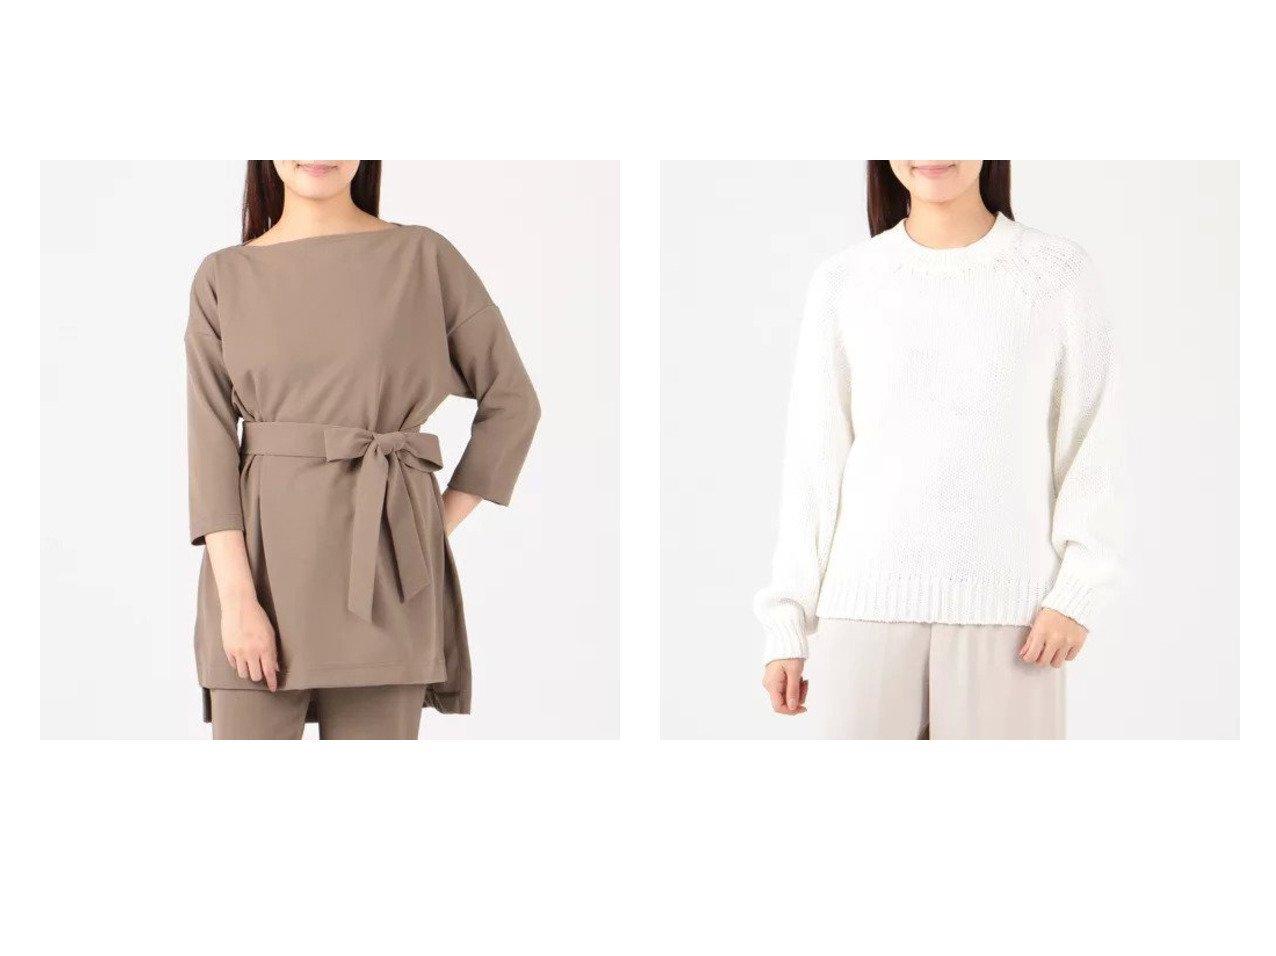 【Tiara/ティアラ】のサイドスリットカバートップス&3Gラグランプルオーバー 【トップス・カットソー】おすすめ!人気、トレンド・レディースファッションの通販 おすすめで人気の流行・トレンド、ファッションの通販商品 インテリア・家具・メンズファッション・キッズファッション・レディースファッション・服の通販 founy(ファニー) https://founy.com/ ファッション Fashion レディースファッション WOMEN トップス・カットソー Tops/Tshirt シャツ/ブラウス Shirts/Blouses ロング / Tシャツ T-Shirts カットソー Cut and Sewn ニット Knit Tops プルオーバー Pullover エレガント カットソー シンプル スリット チュニック リボン 洗える 長袖  ID:crp329100000045335